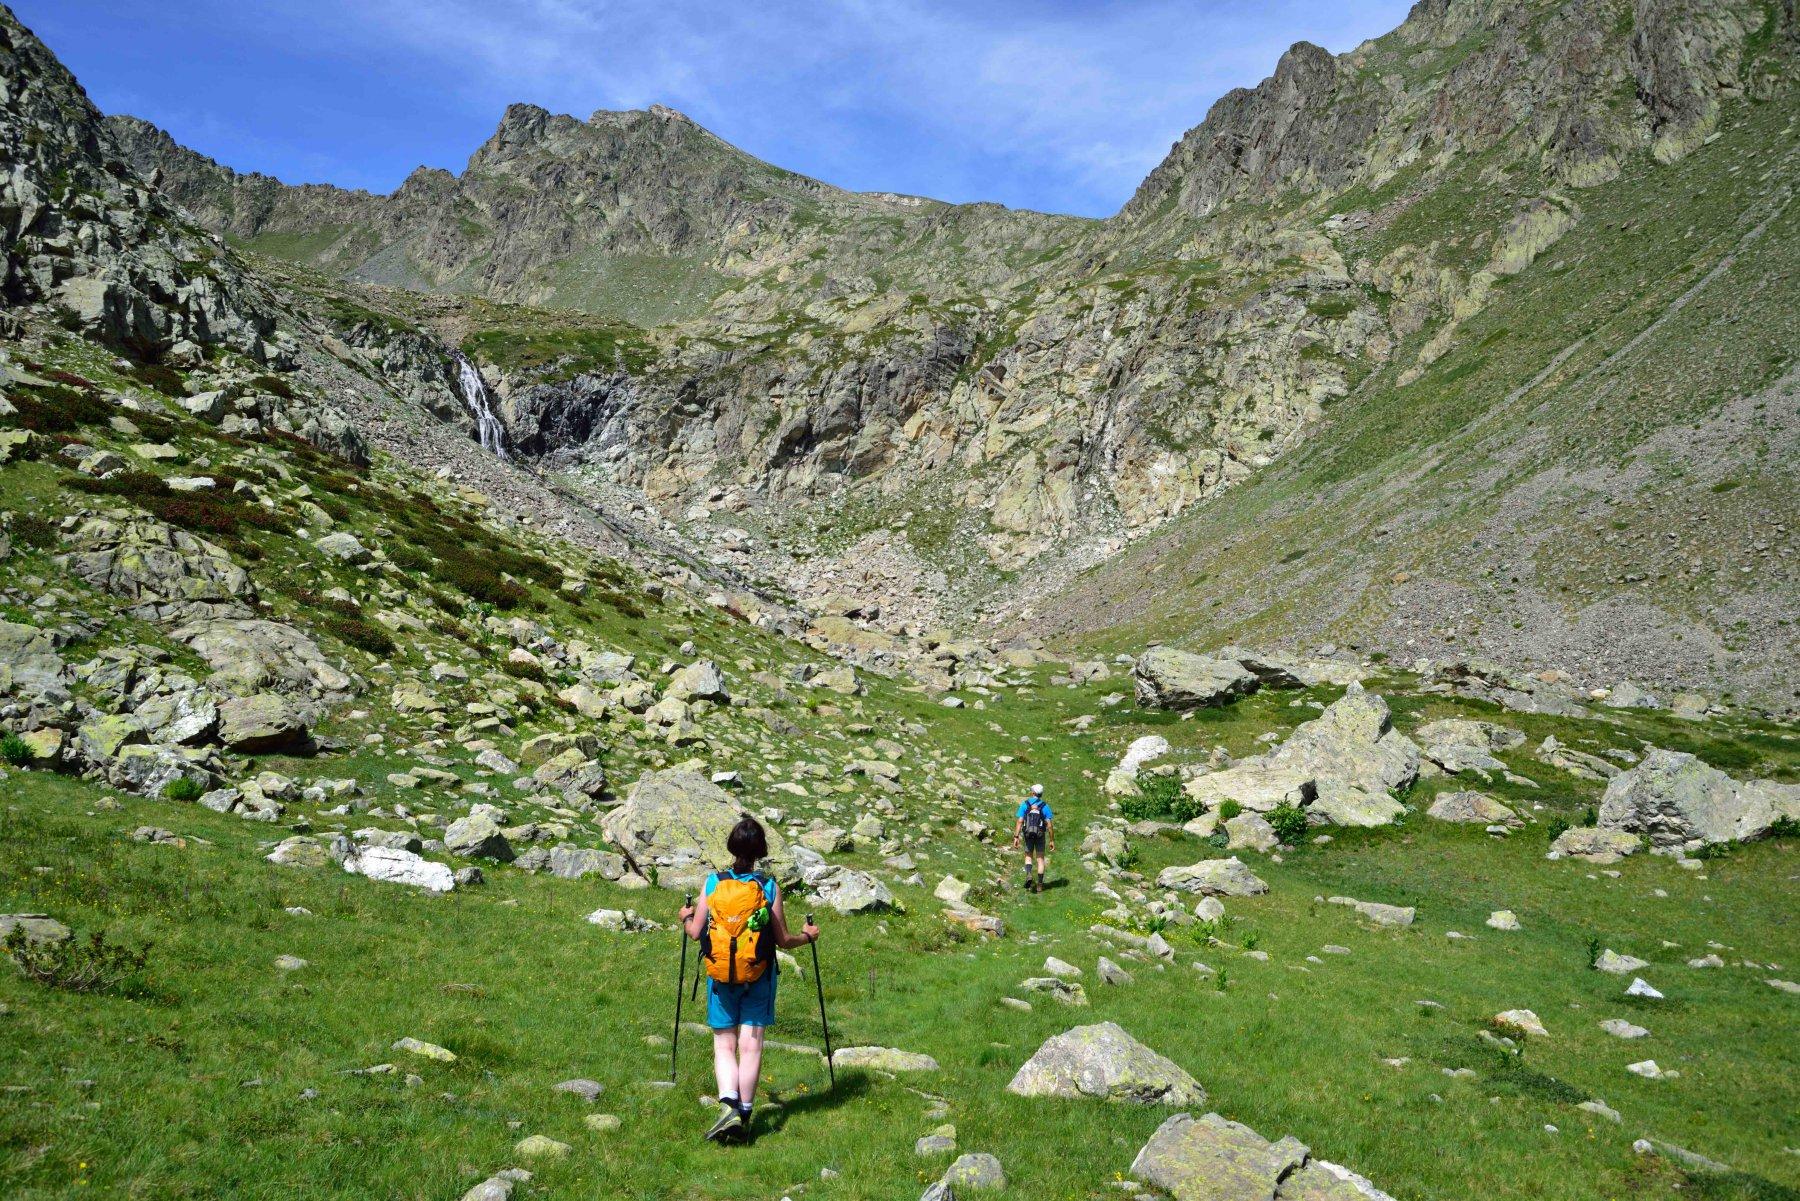 Il vallone di Panieris - In fondo il Colle omonimo e la Testa del Ferro